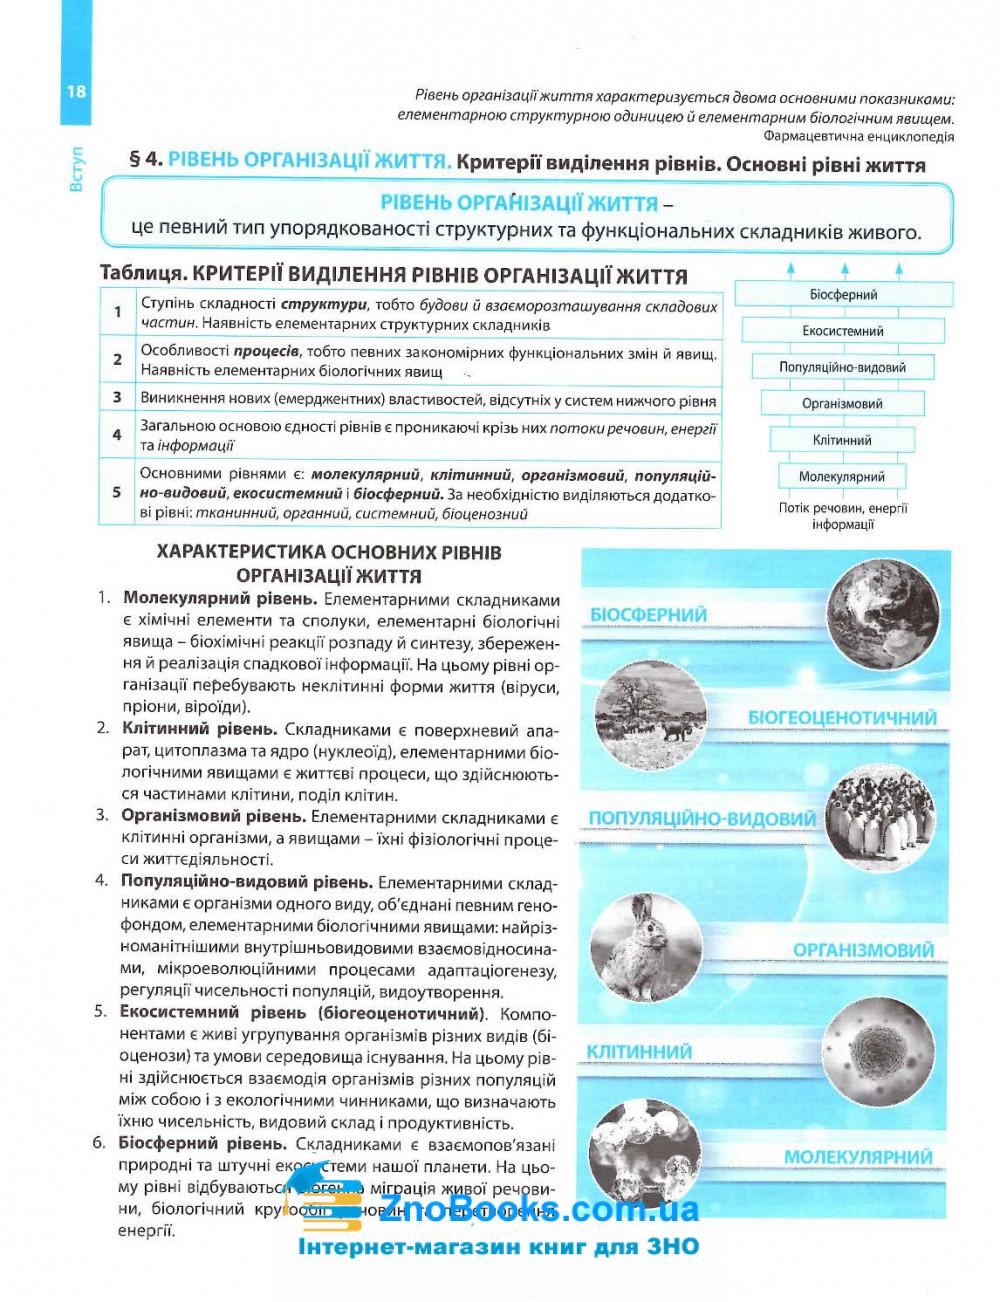 Довідник Соболь В. Повний курс біології для підготовки до ЗНО та ДПА 2021. 13